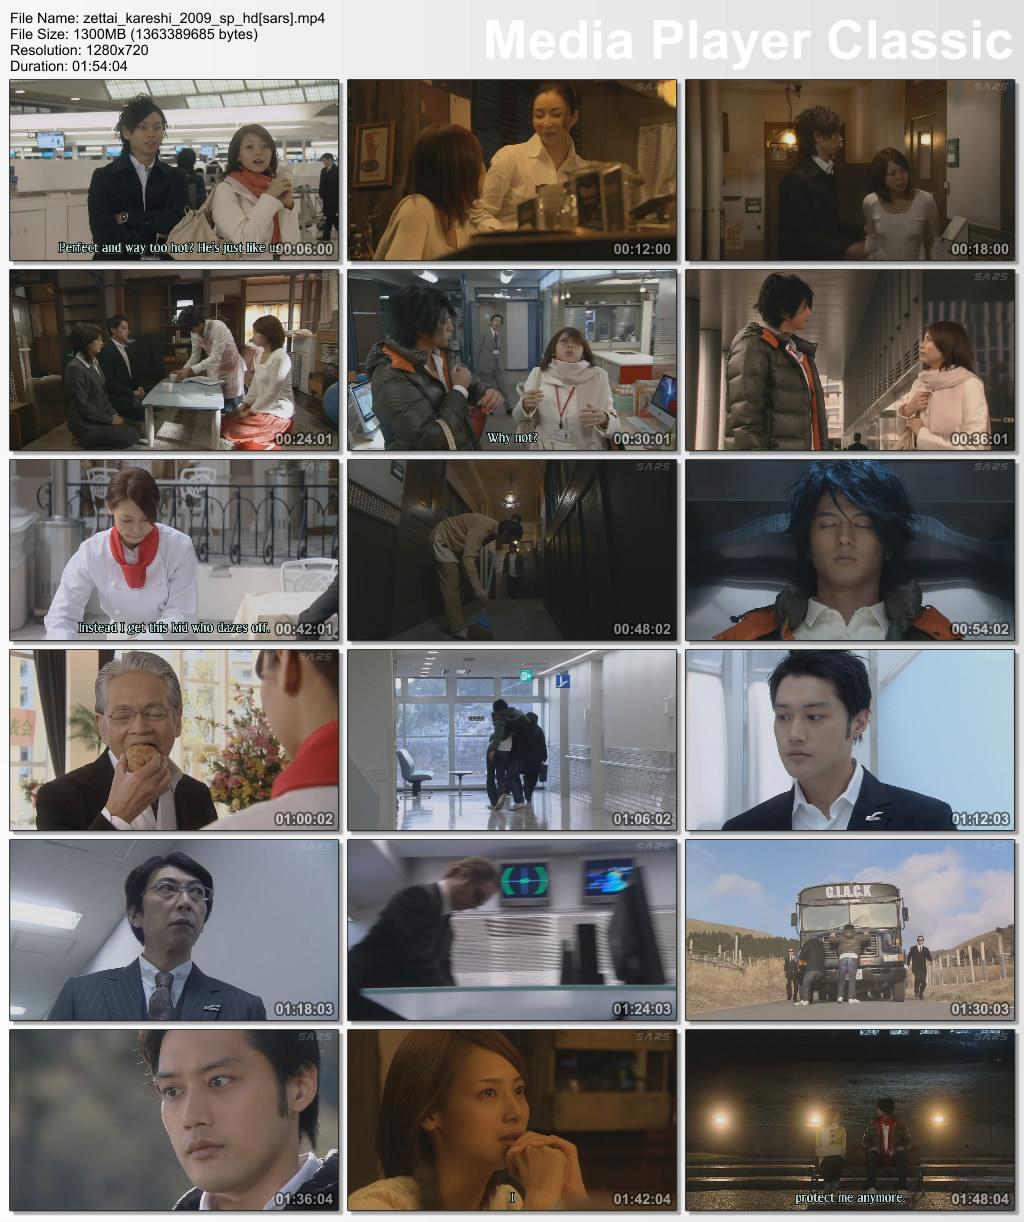 aibu saki and hayami mokomichi dating Posts about hayami mokomichi written by darkice712 darkice782 opinions on dramasnovels tagged aibu saki, hankai kazuaki, hayami mokomichi, ishizuka hidehiko.